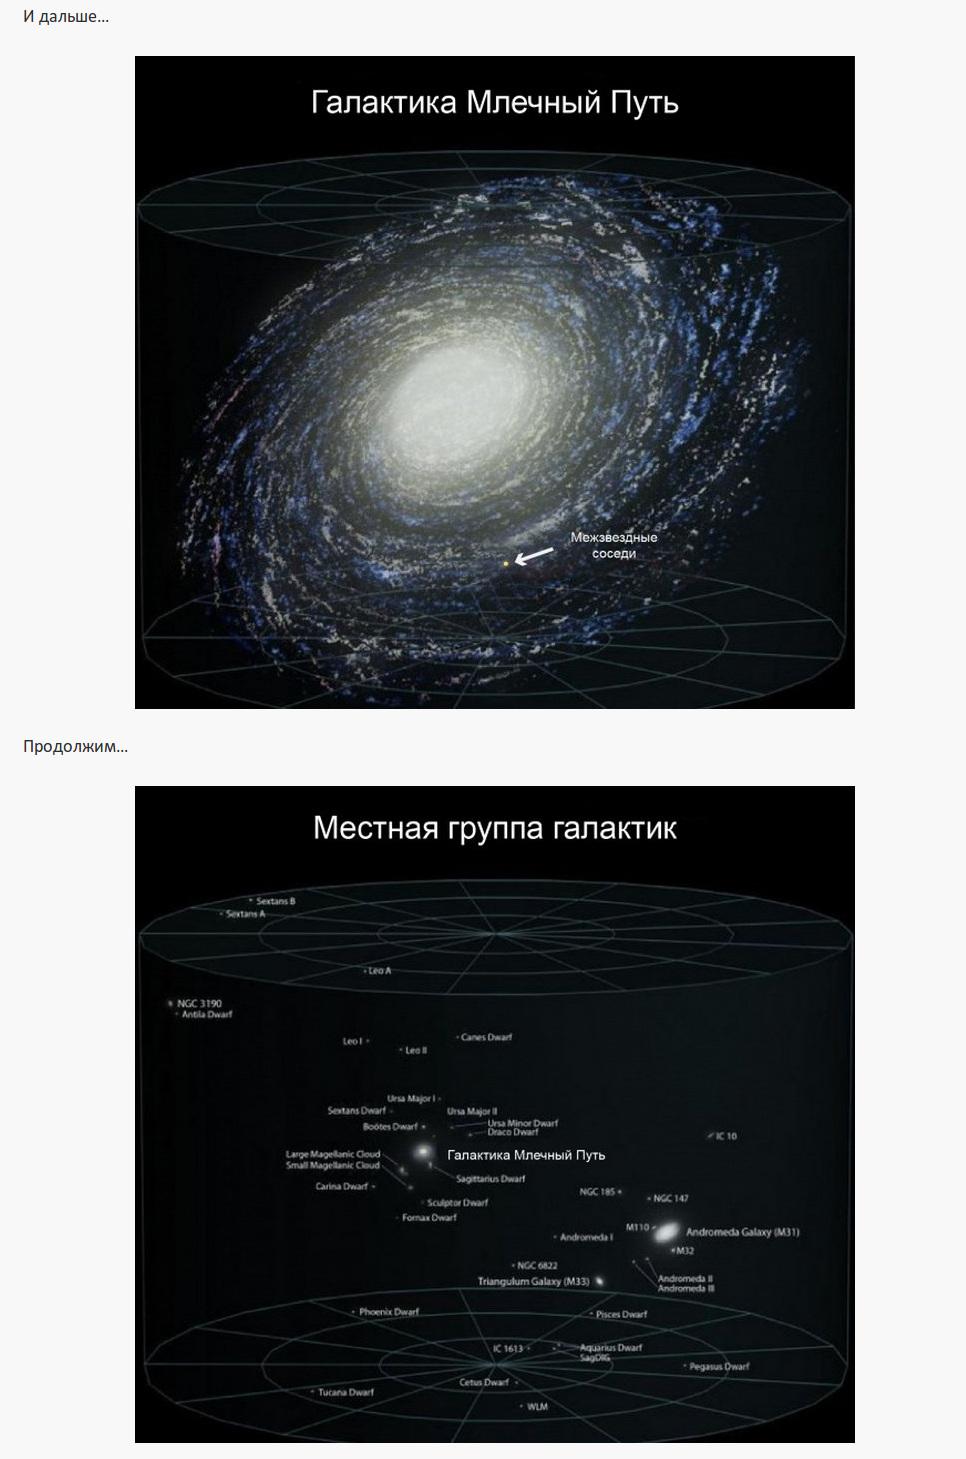 Наше место в большом космосе